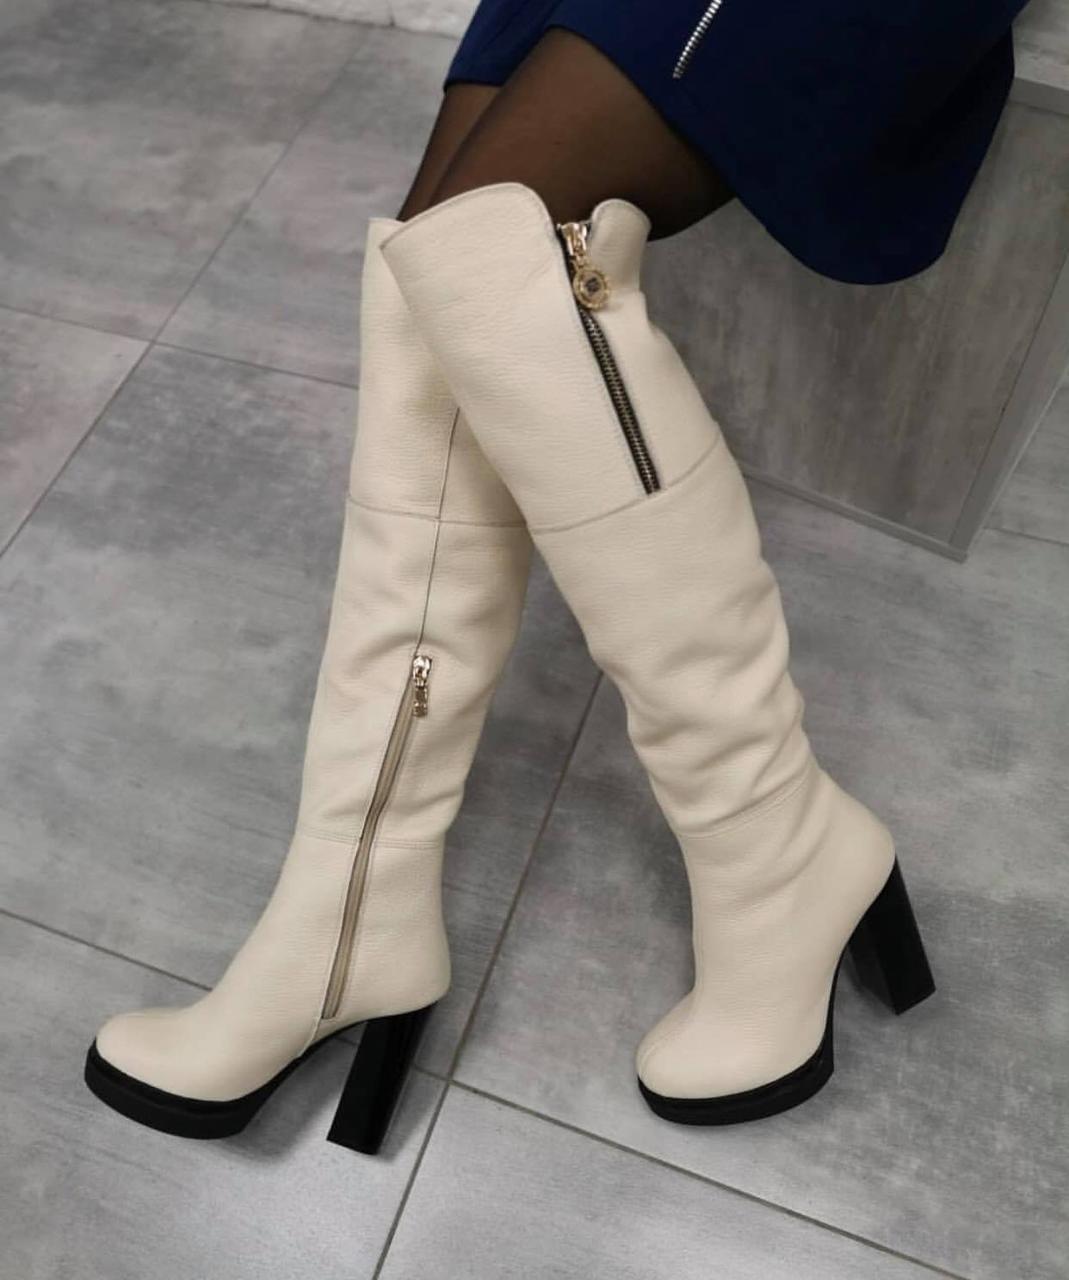 4e379389c359 Белые кожаные высокие сапоги- ботфорты на высоком каблуке Италия